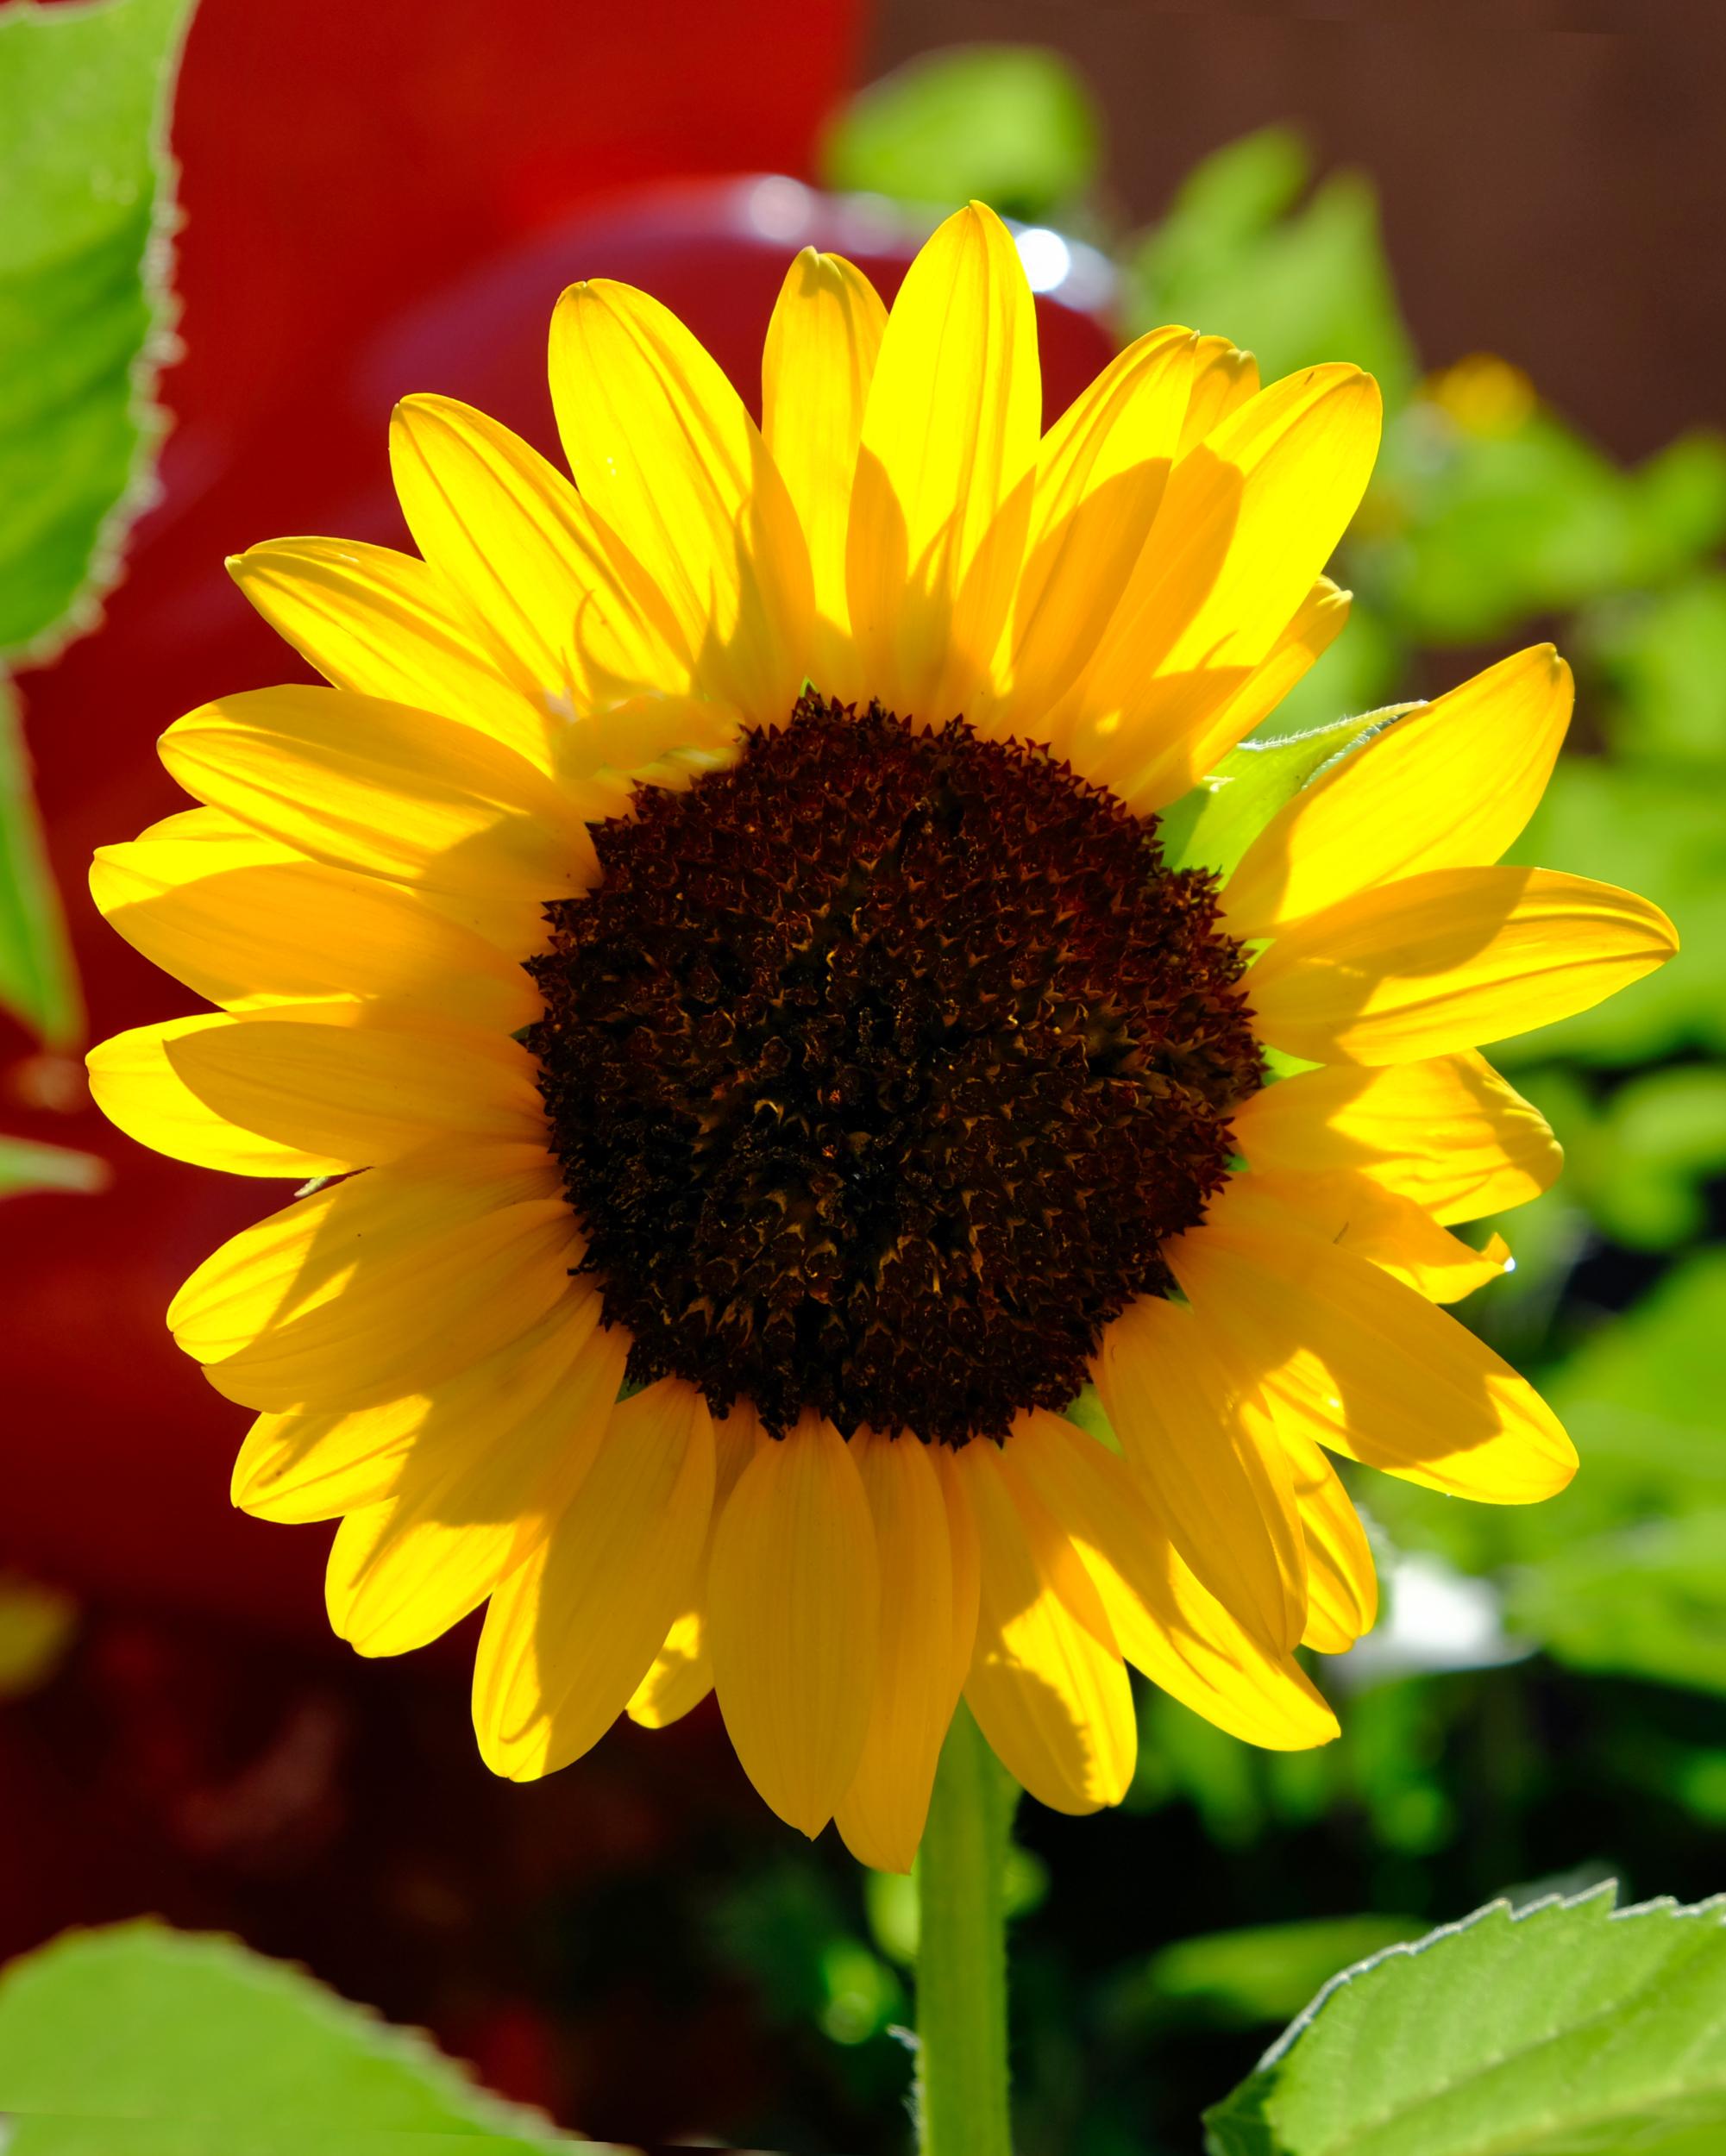 Suntastic Yellow Sunflower